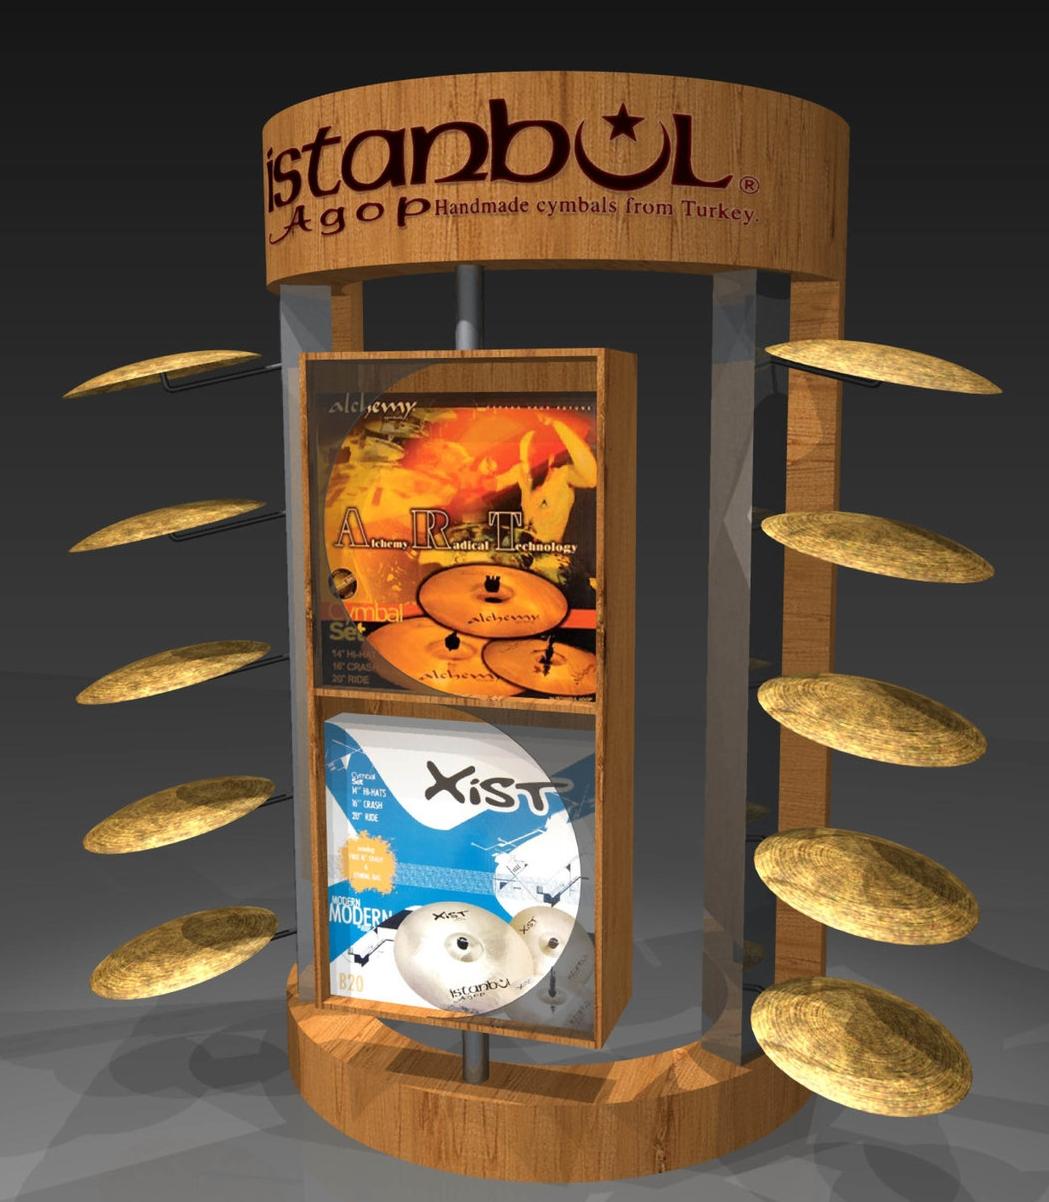 istanbul_cymbals_pop_r2_071413-1.jpg